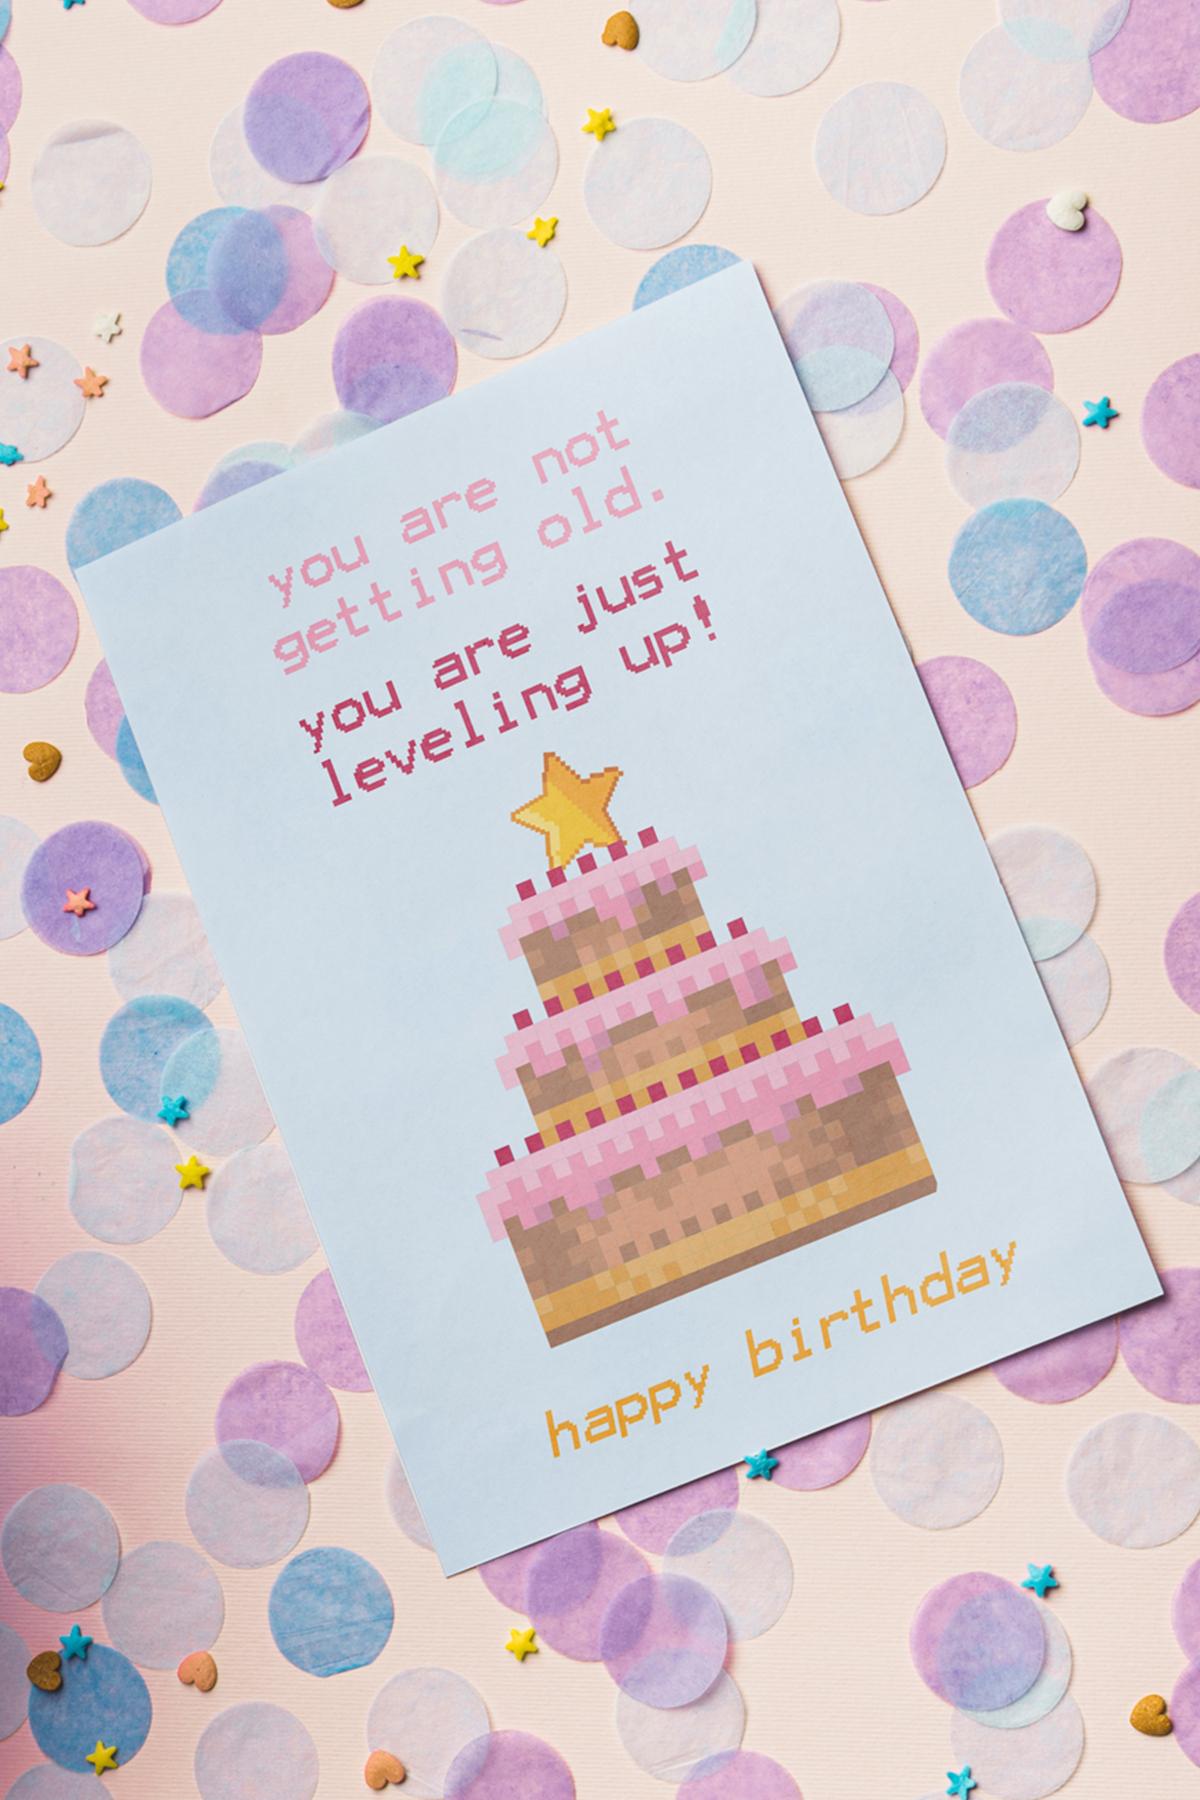 10 Coole Geburtstagskarten Zum Ausdrucken | Free Printable verwandt mit Lustige Geburtstagskarten Zum Ausdrucken Kostenlos